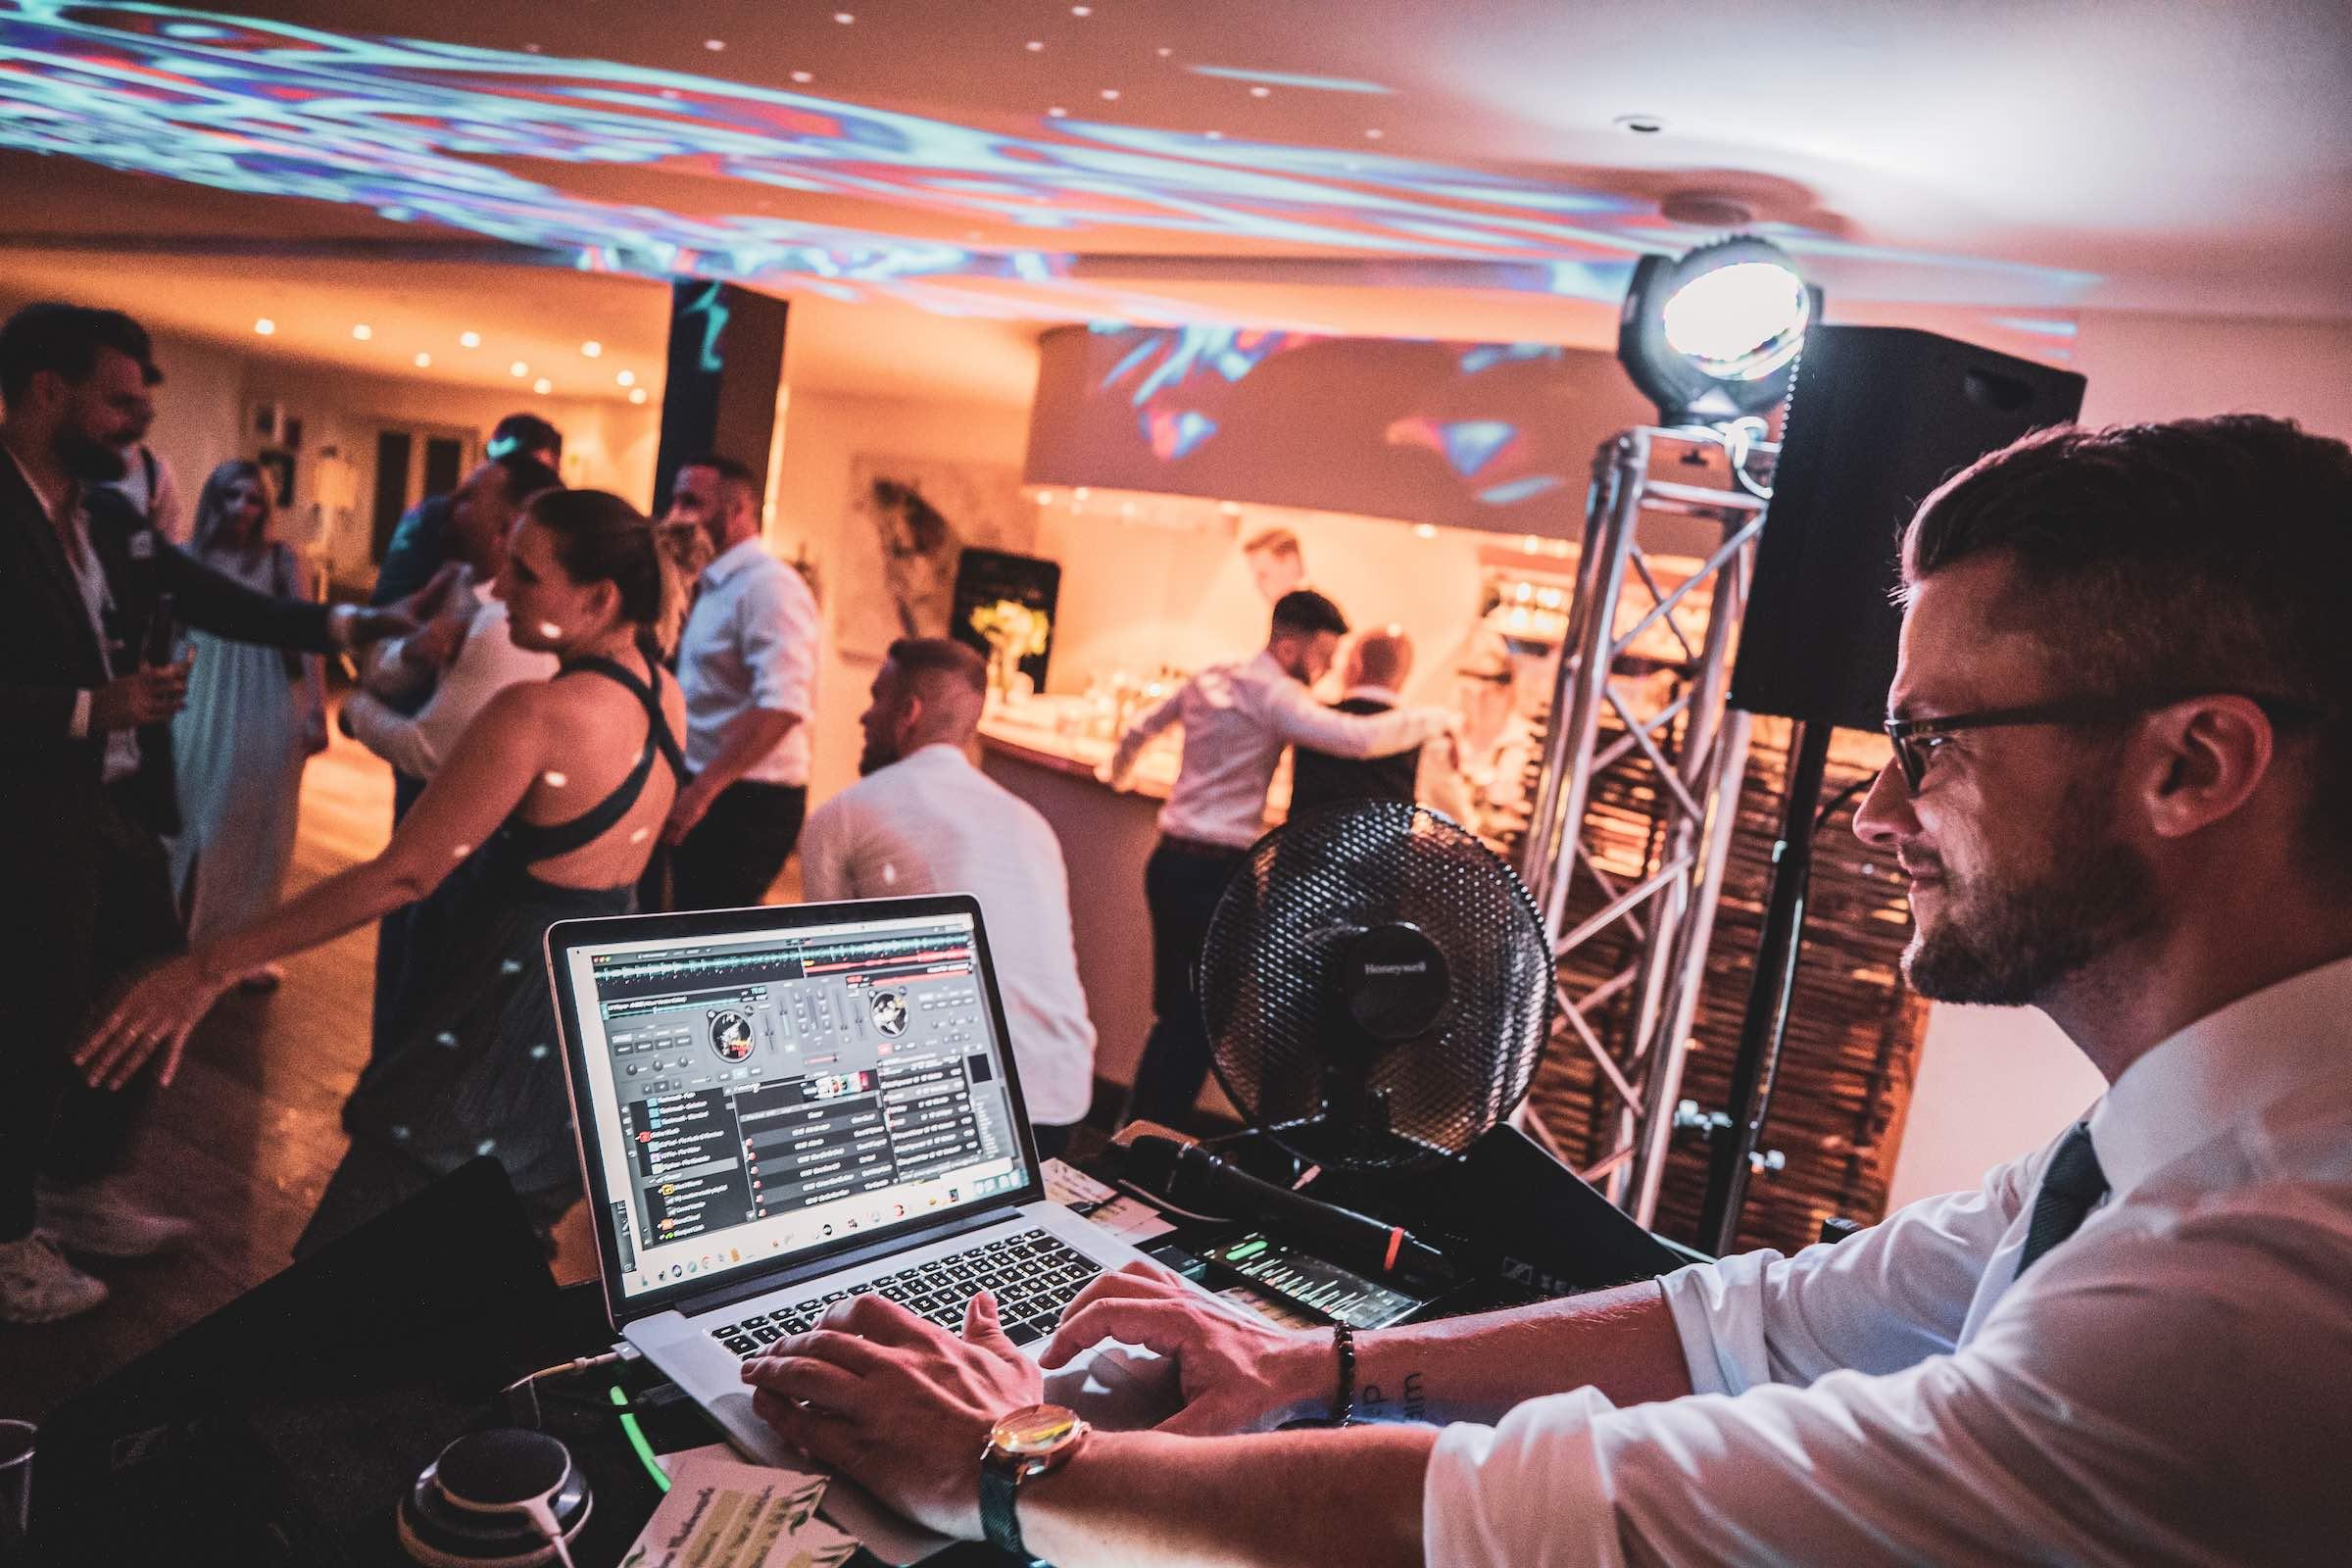 Landhaus   am   See   Restaurant   Restaurant   Referenz   Location   Fotograf   DJ   Hochzeit   DJ   Geburtstaga   DJ   Firmenfeier   Mieten   Buchen   Hannover   Lehmann   Eventservice